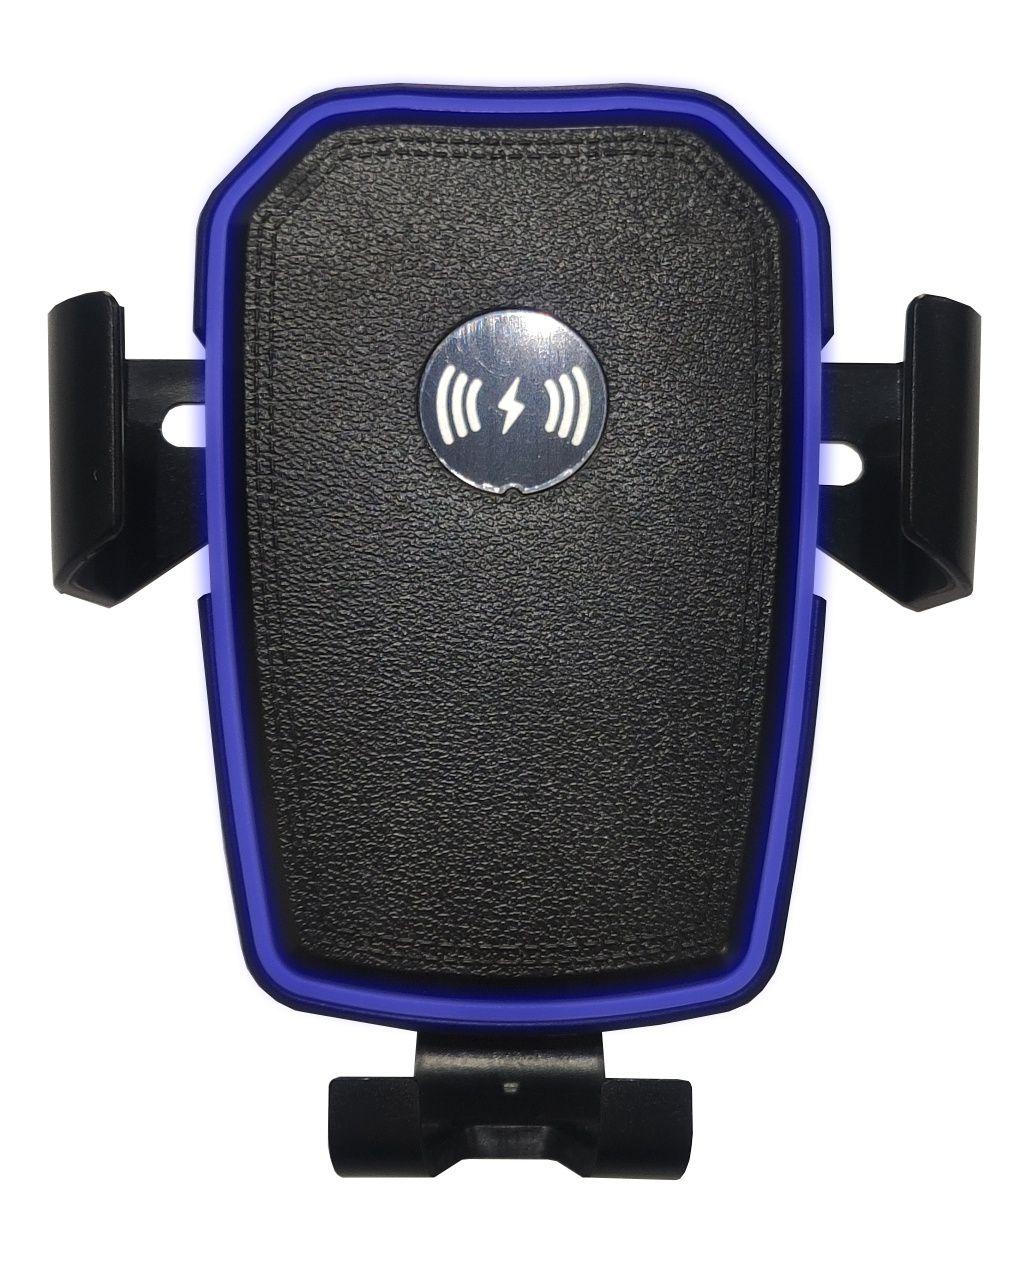 Suporte Carregador Veicular Sem Fio QI Celular Automático Knup KP-S118